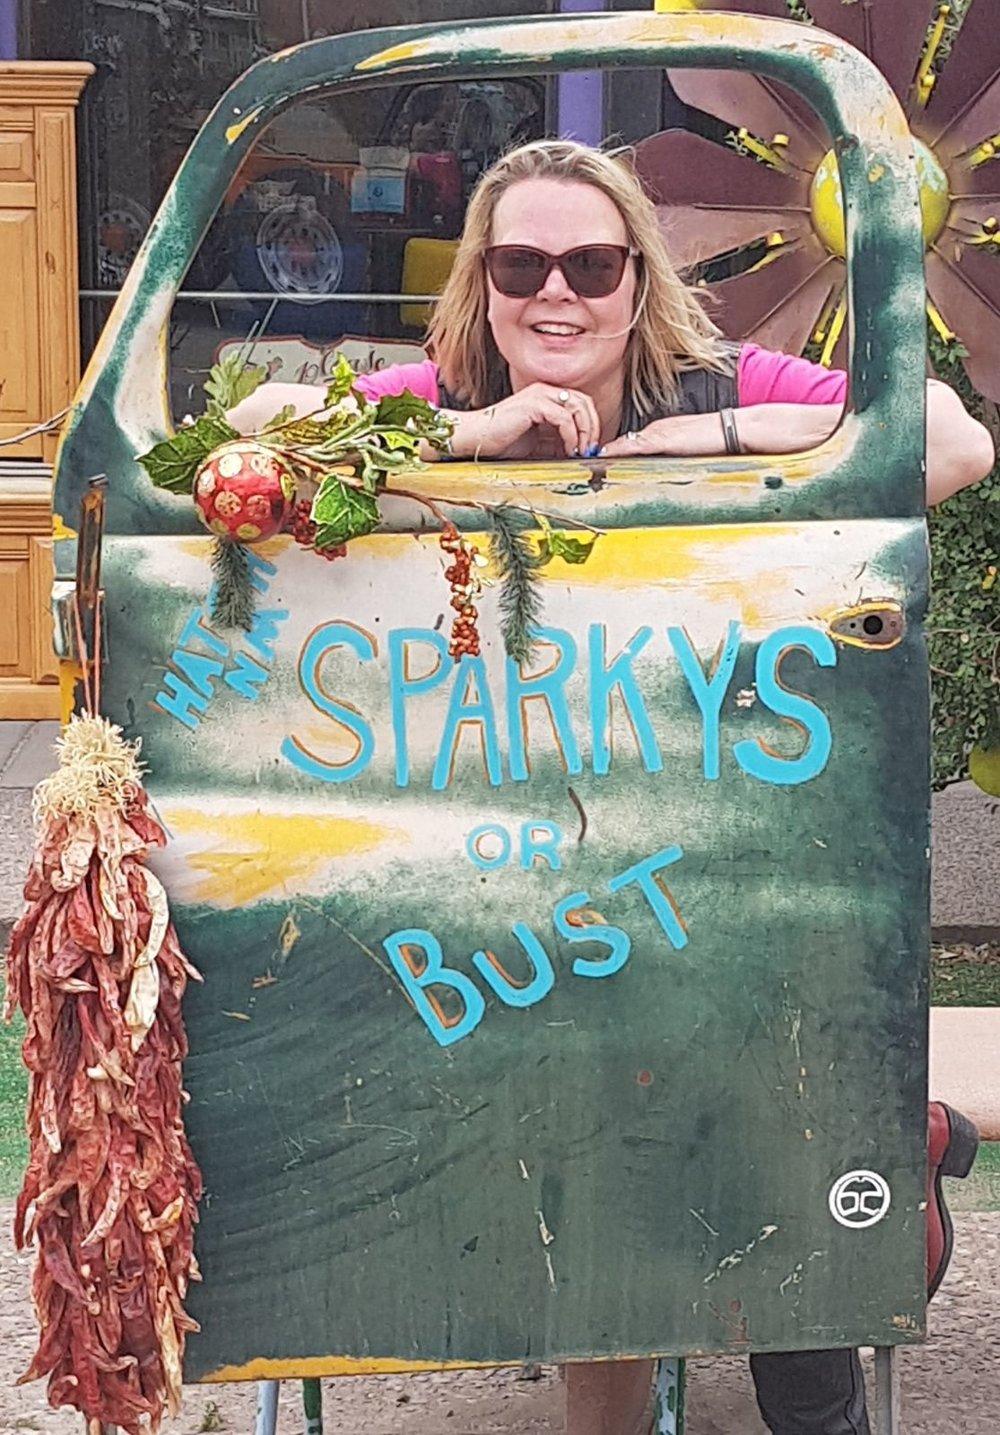 Tauko Hatchissa. Paikallinen kuuluisuus keskellä ei niin yhtään mitään, Sparkys BBQ, on niin täynnä että ihmisiä jonottaa pitkälle ravintolan ulkopuolelle. Jätämme tämän kokemuksen väliin ;)